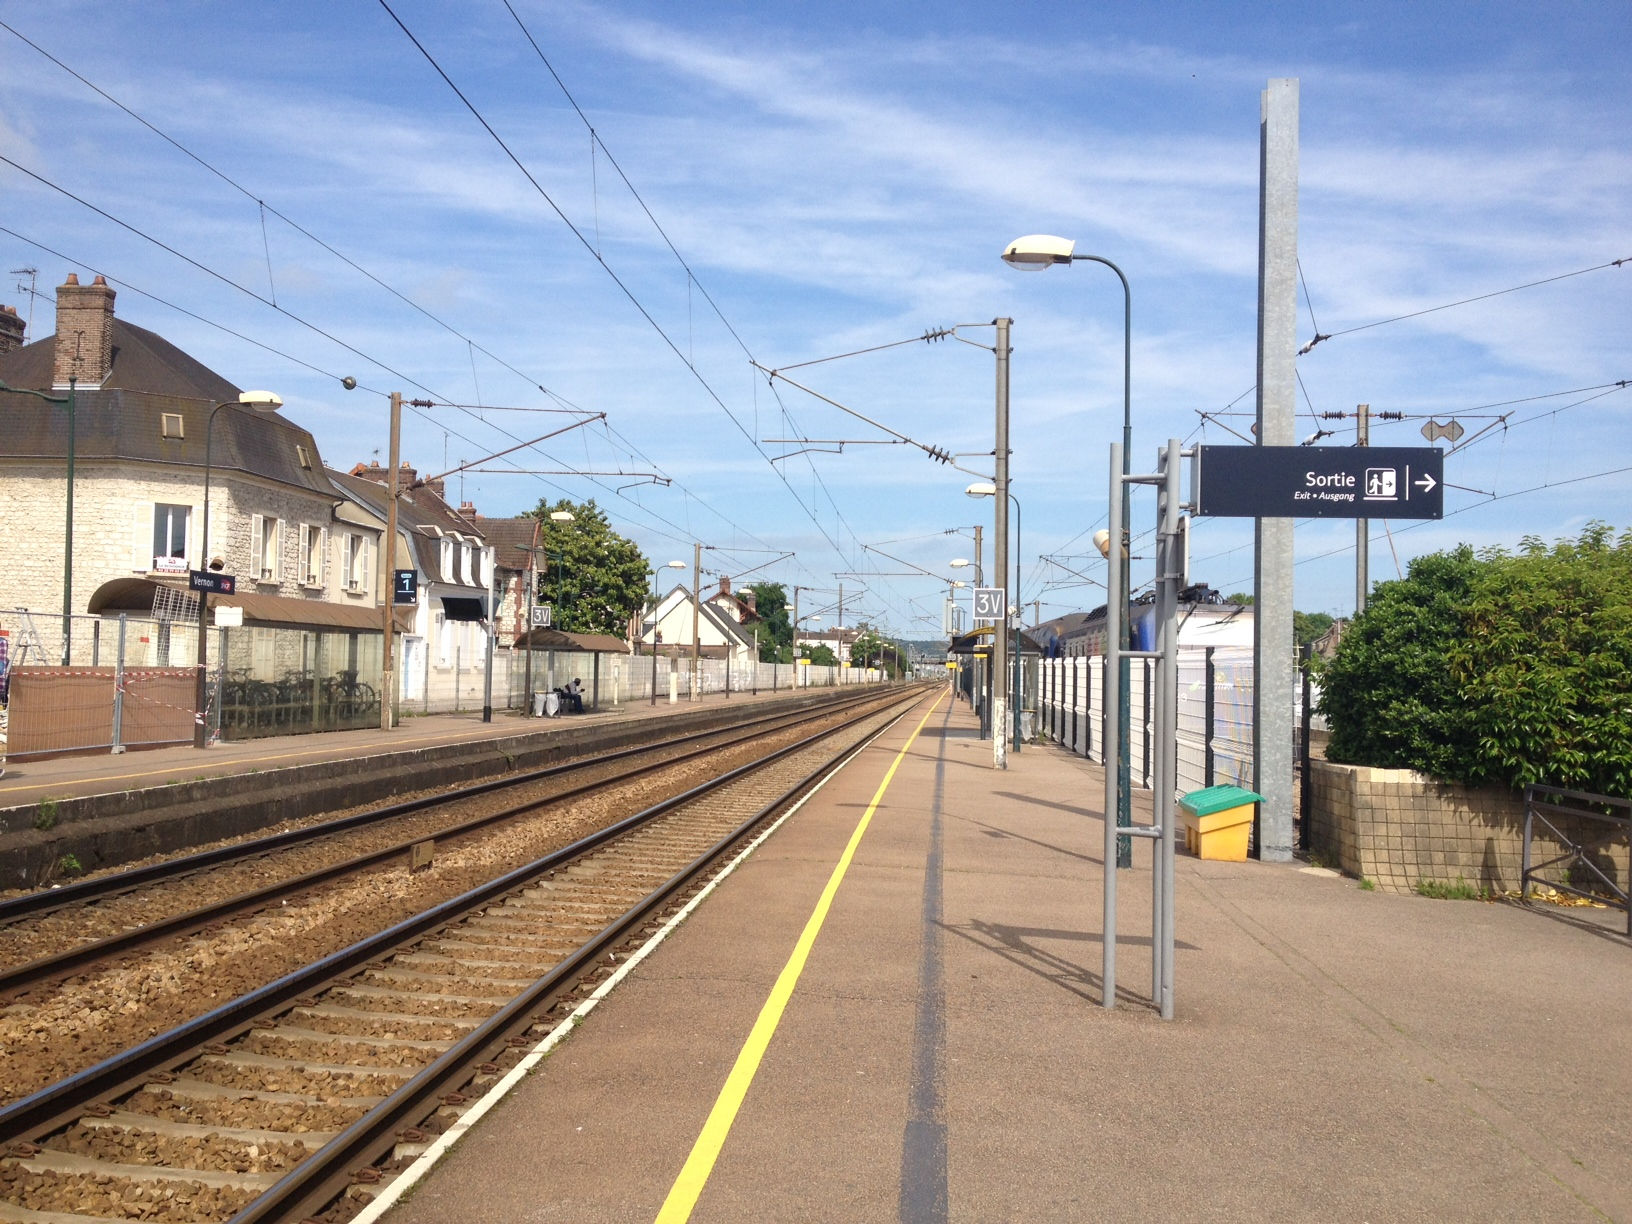 Depuis huit jours, les trains circulent au compte-gouttes entre Rouen et Paris (ici la gare déserte de Vernon) Photo @infonormandie